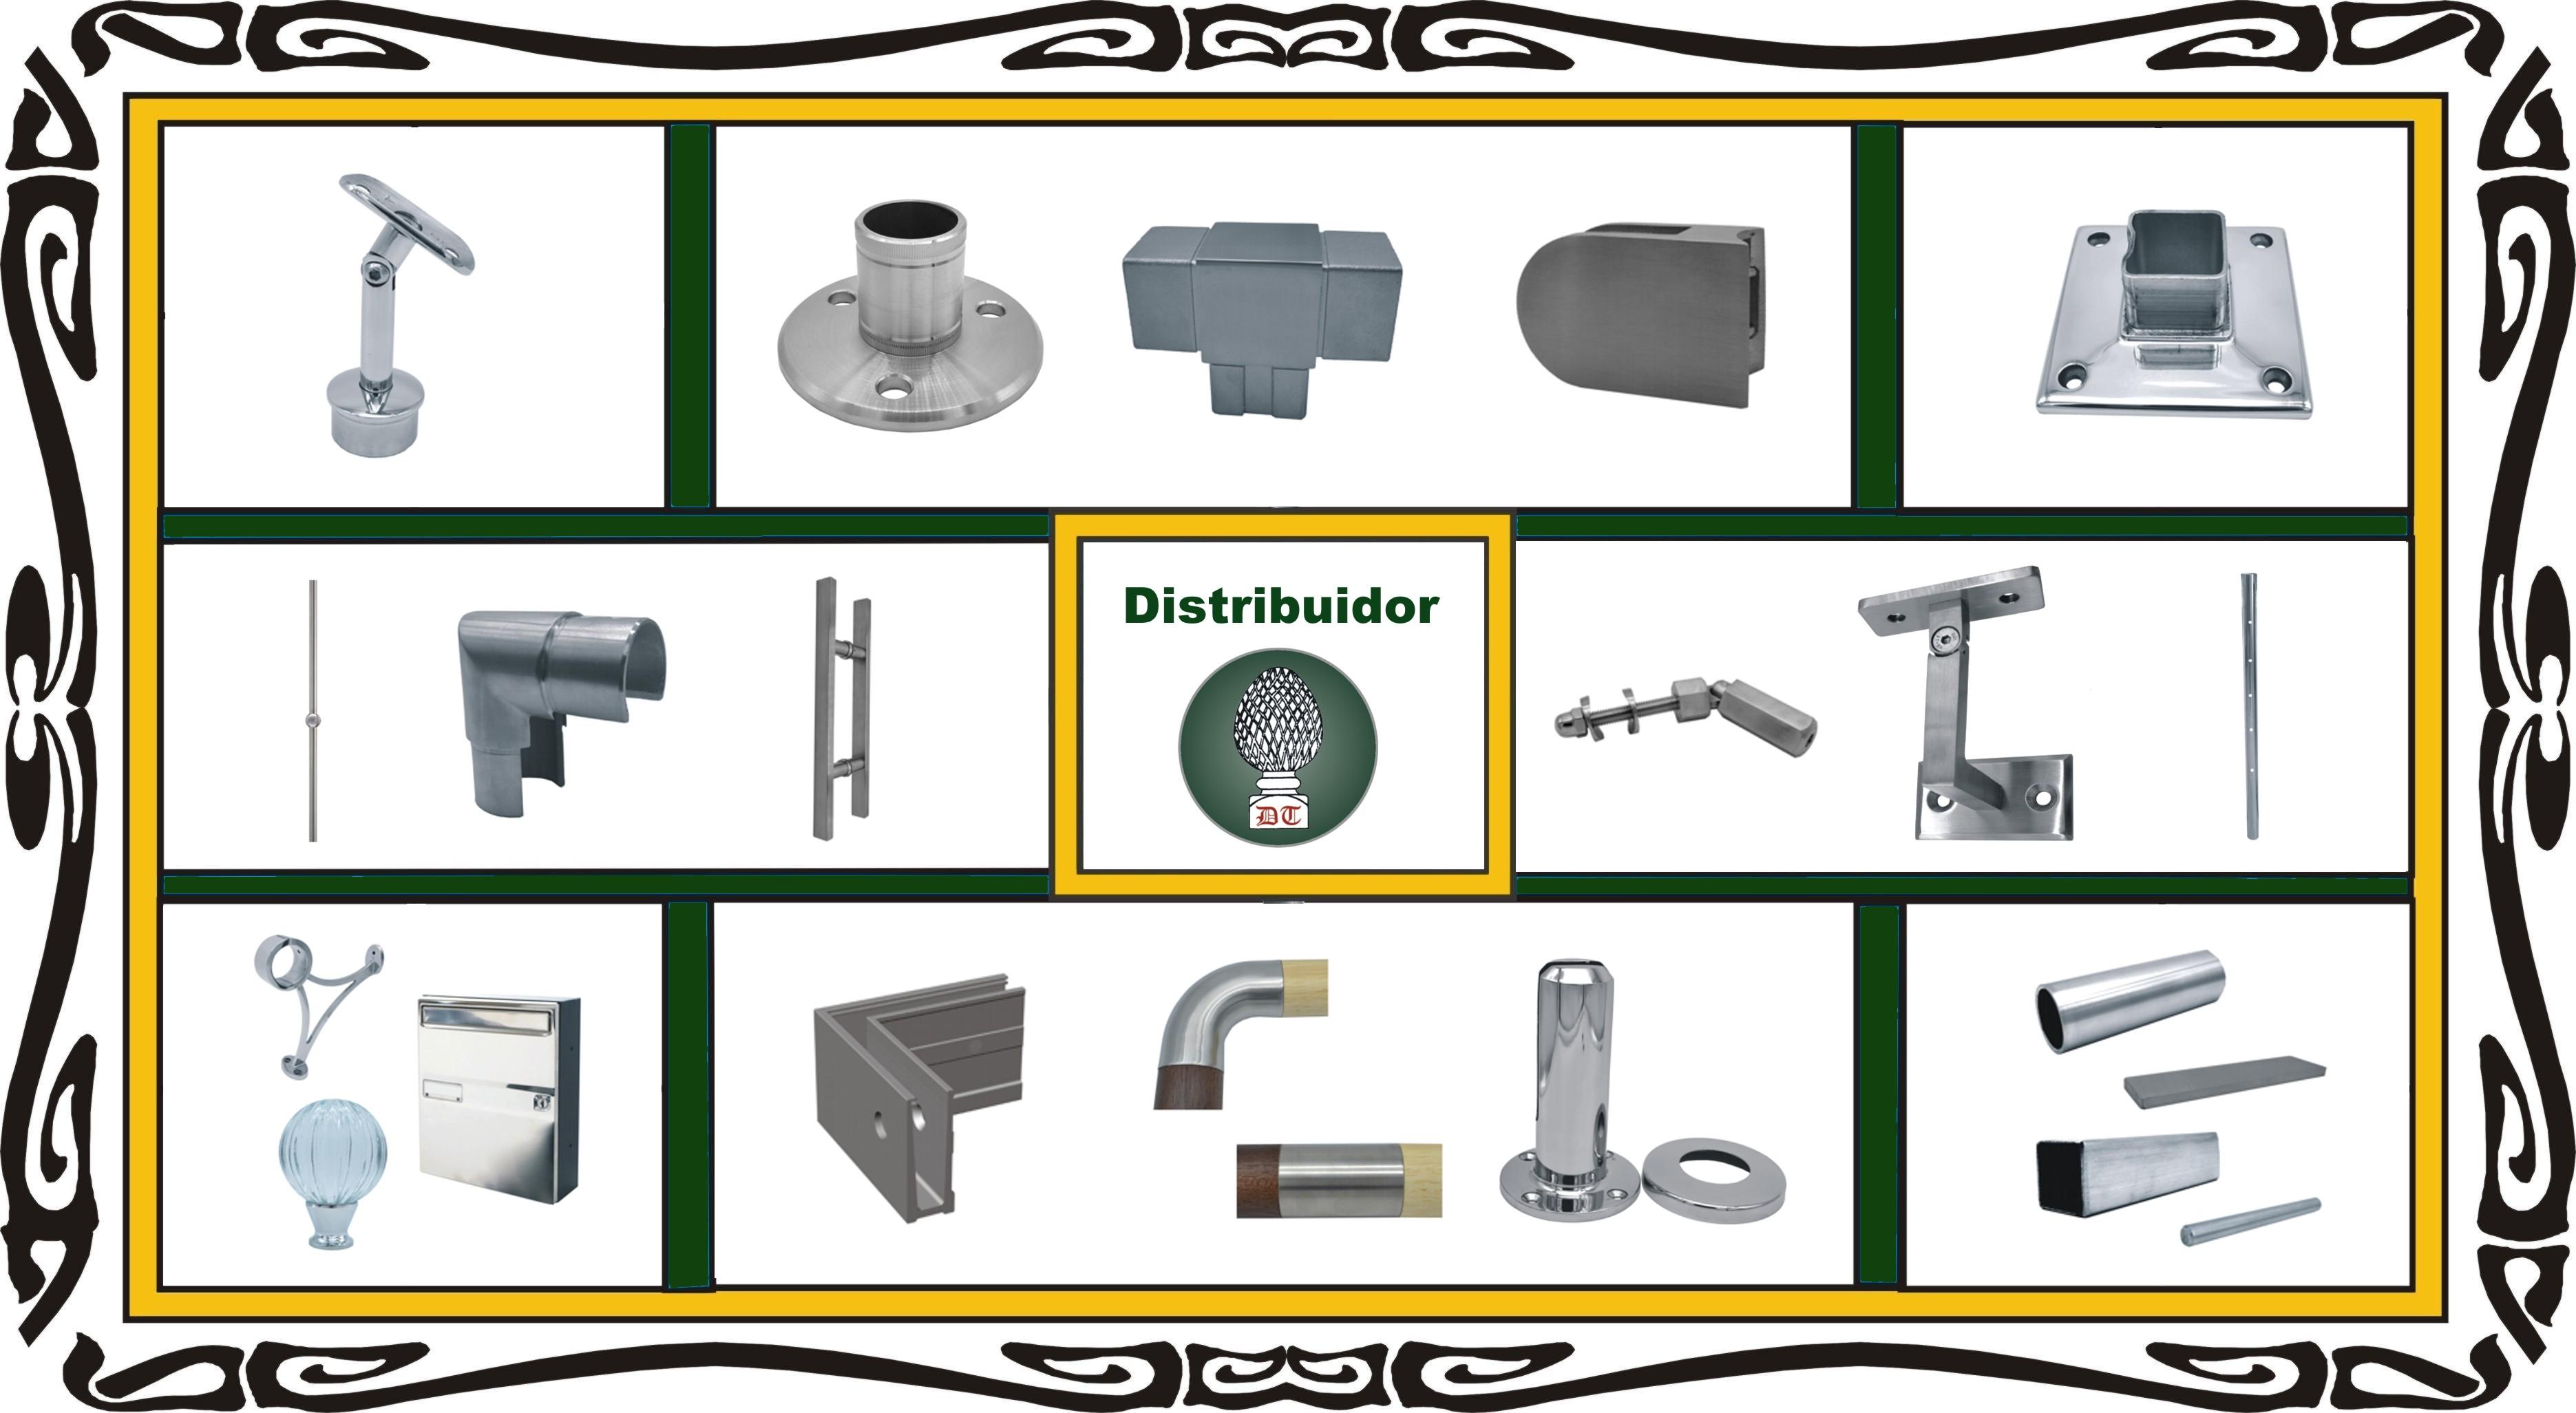 Distribución y montaje de piezas, accesorios y herrajes de acero inoxidable